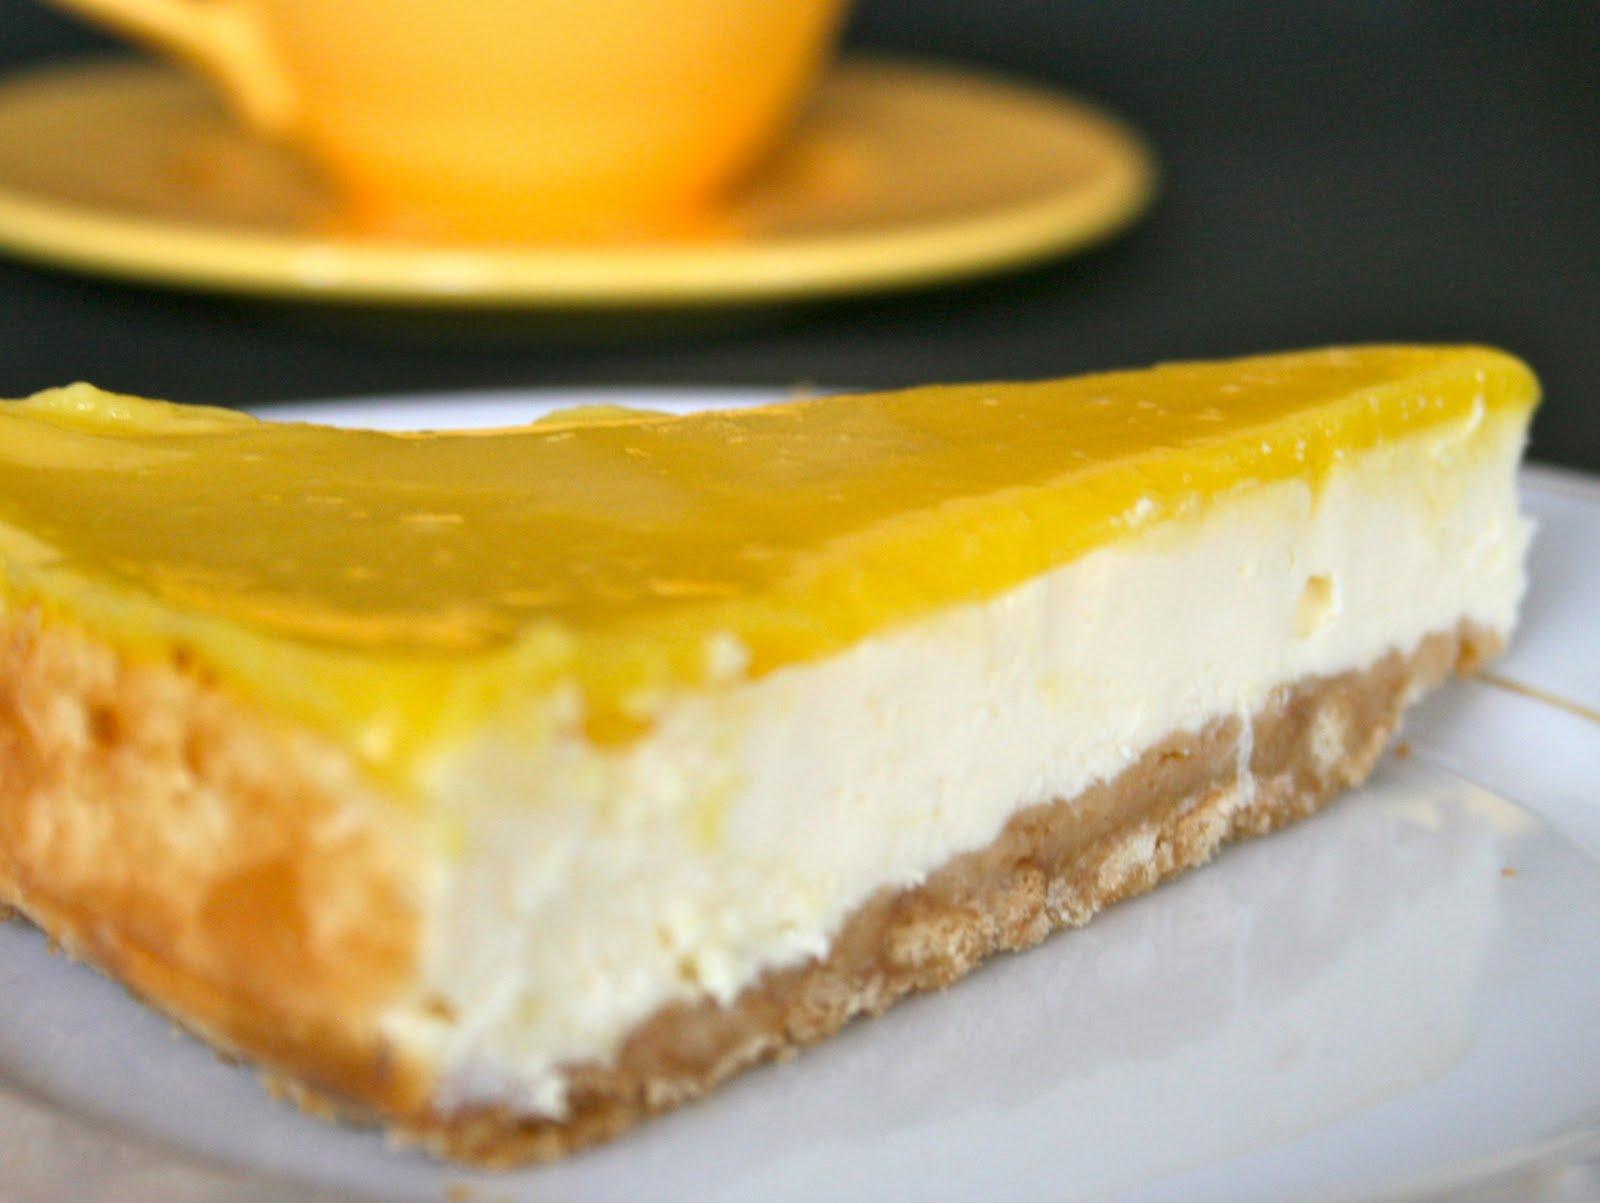 sables glaçage citron